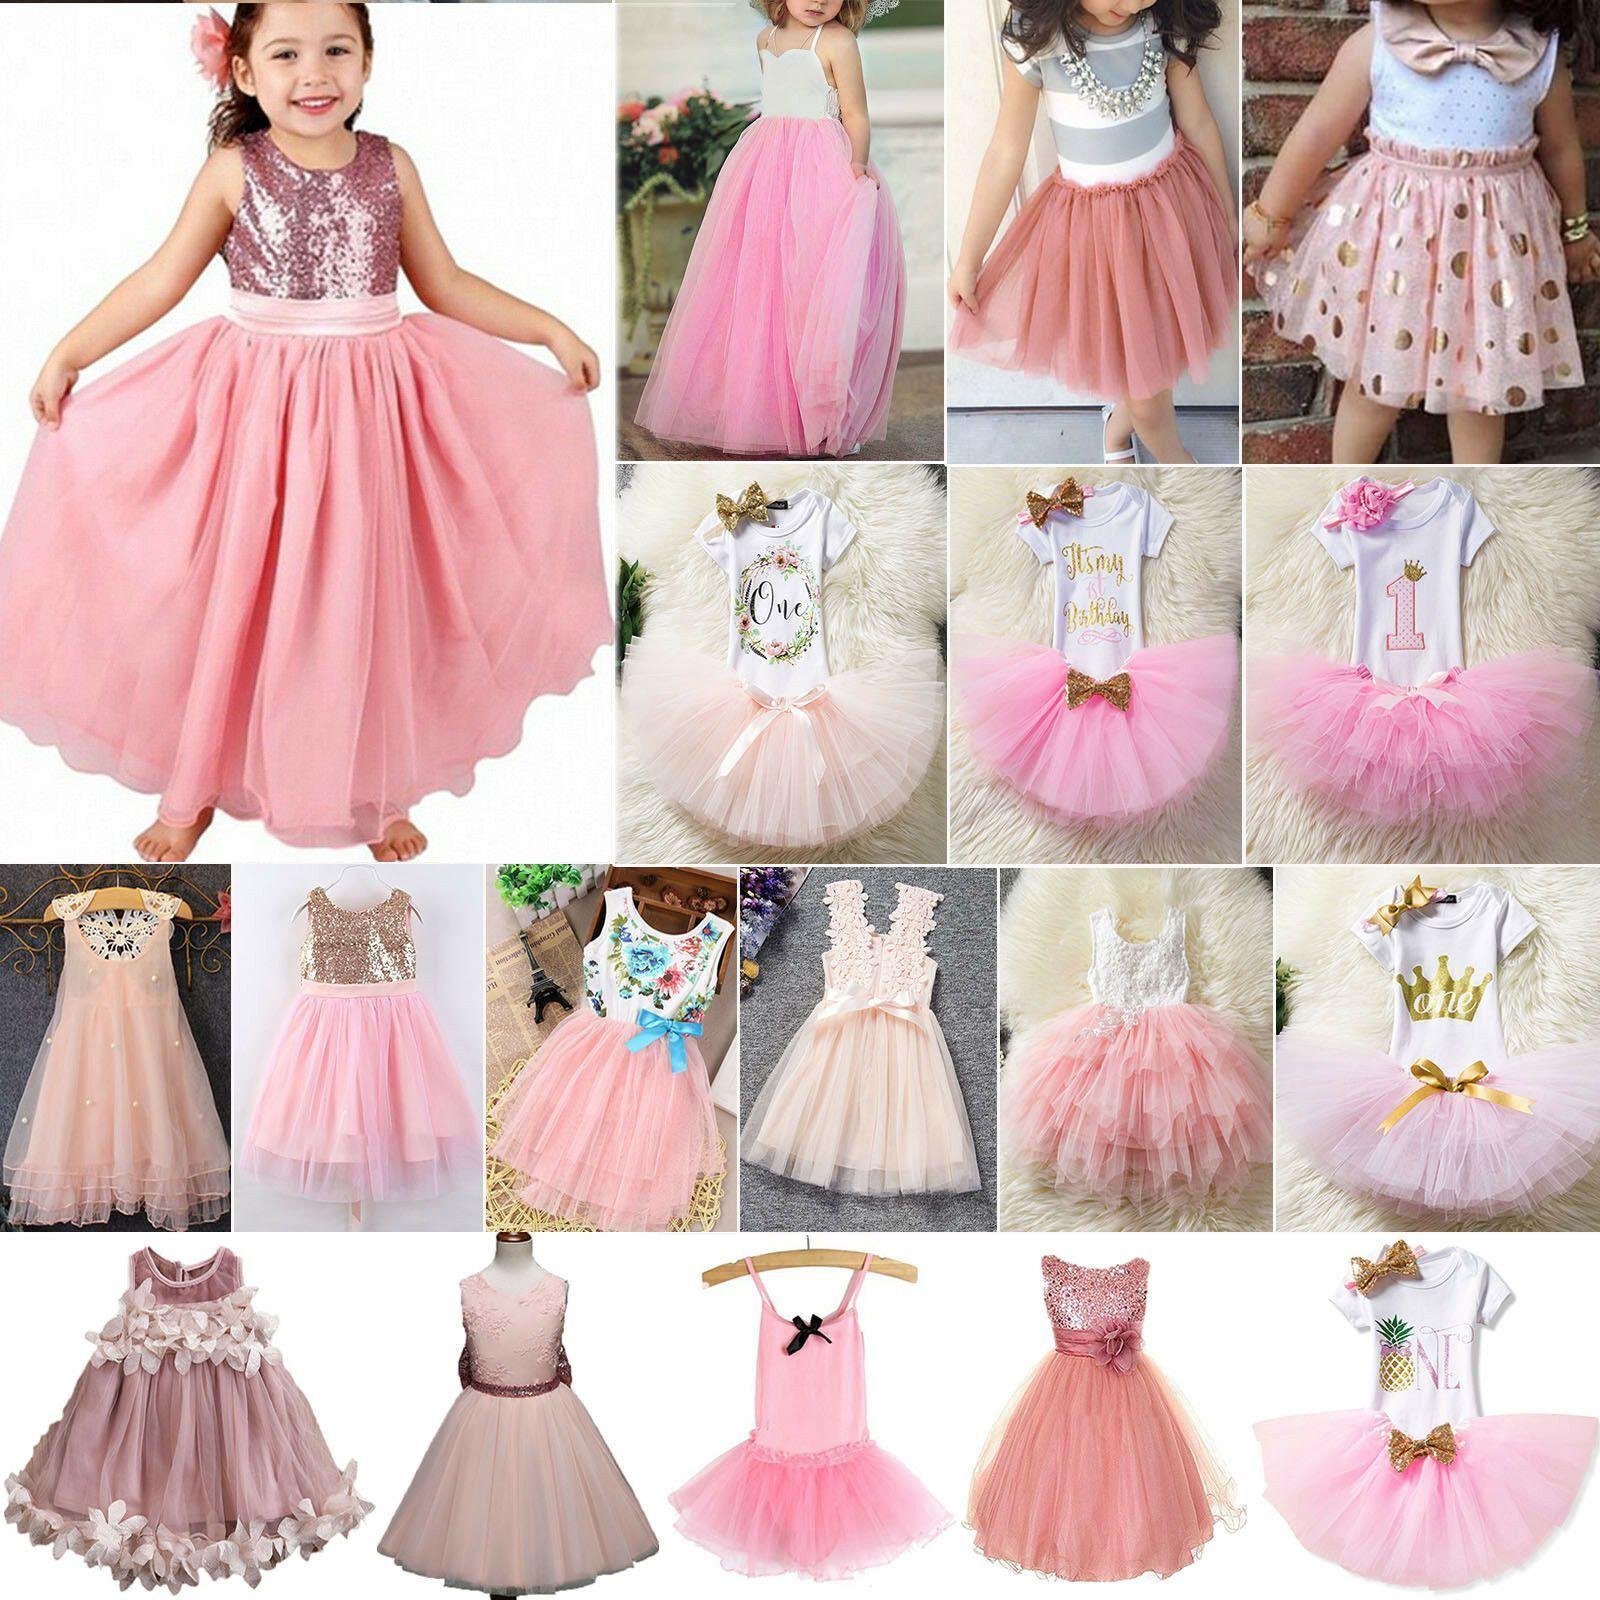 Kinder Mädchen Prinzessin Partykleid Tüll Tutu Kleider Hochzeit